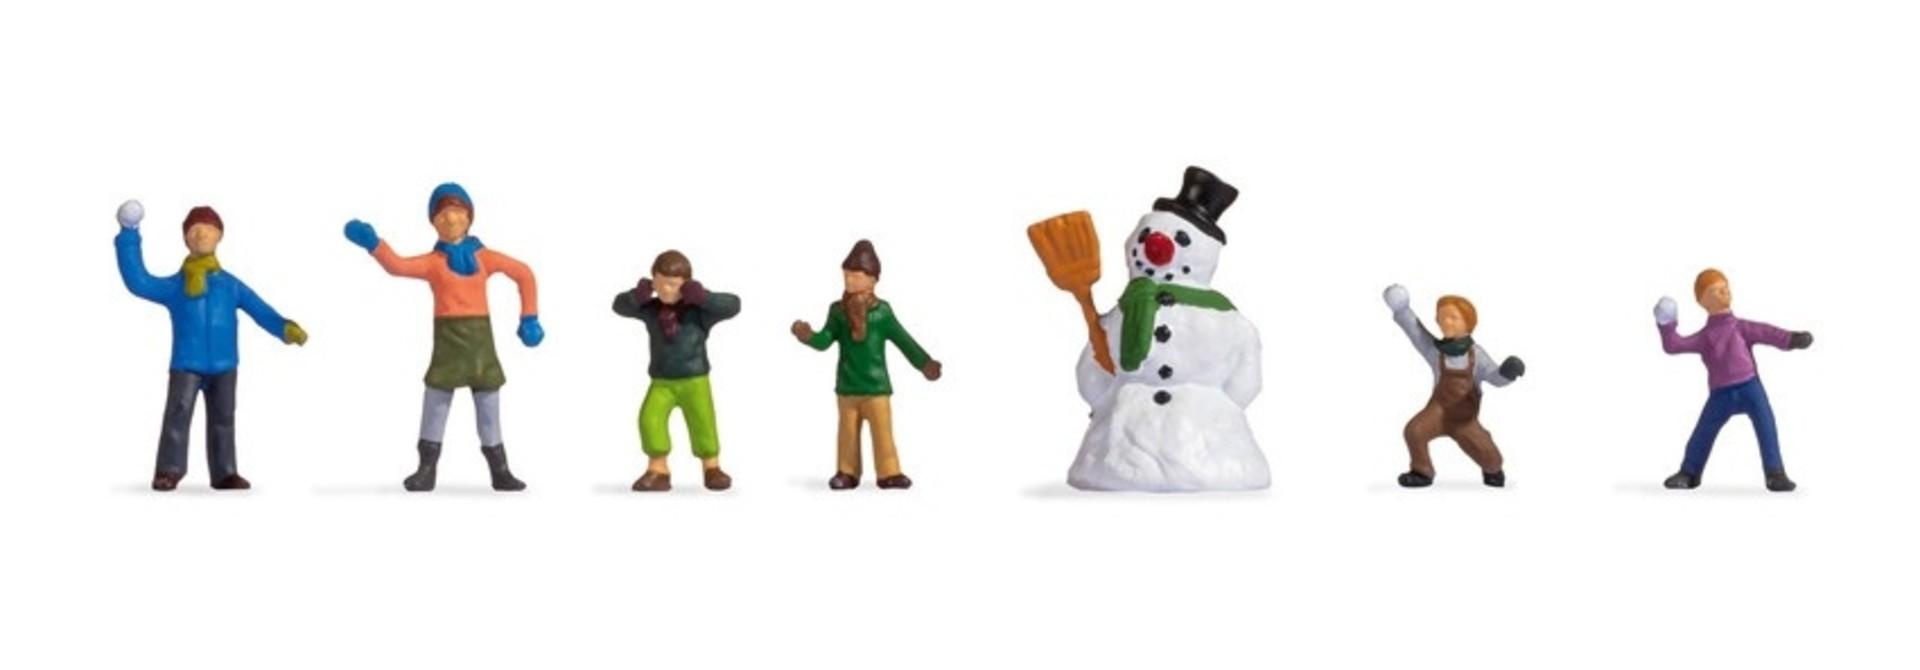 15821 Kinder im Schnee